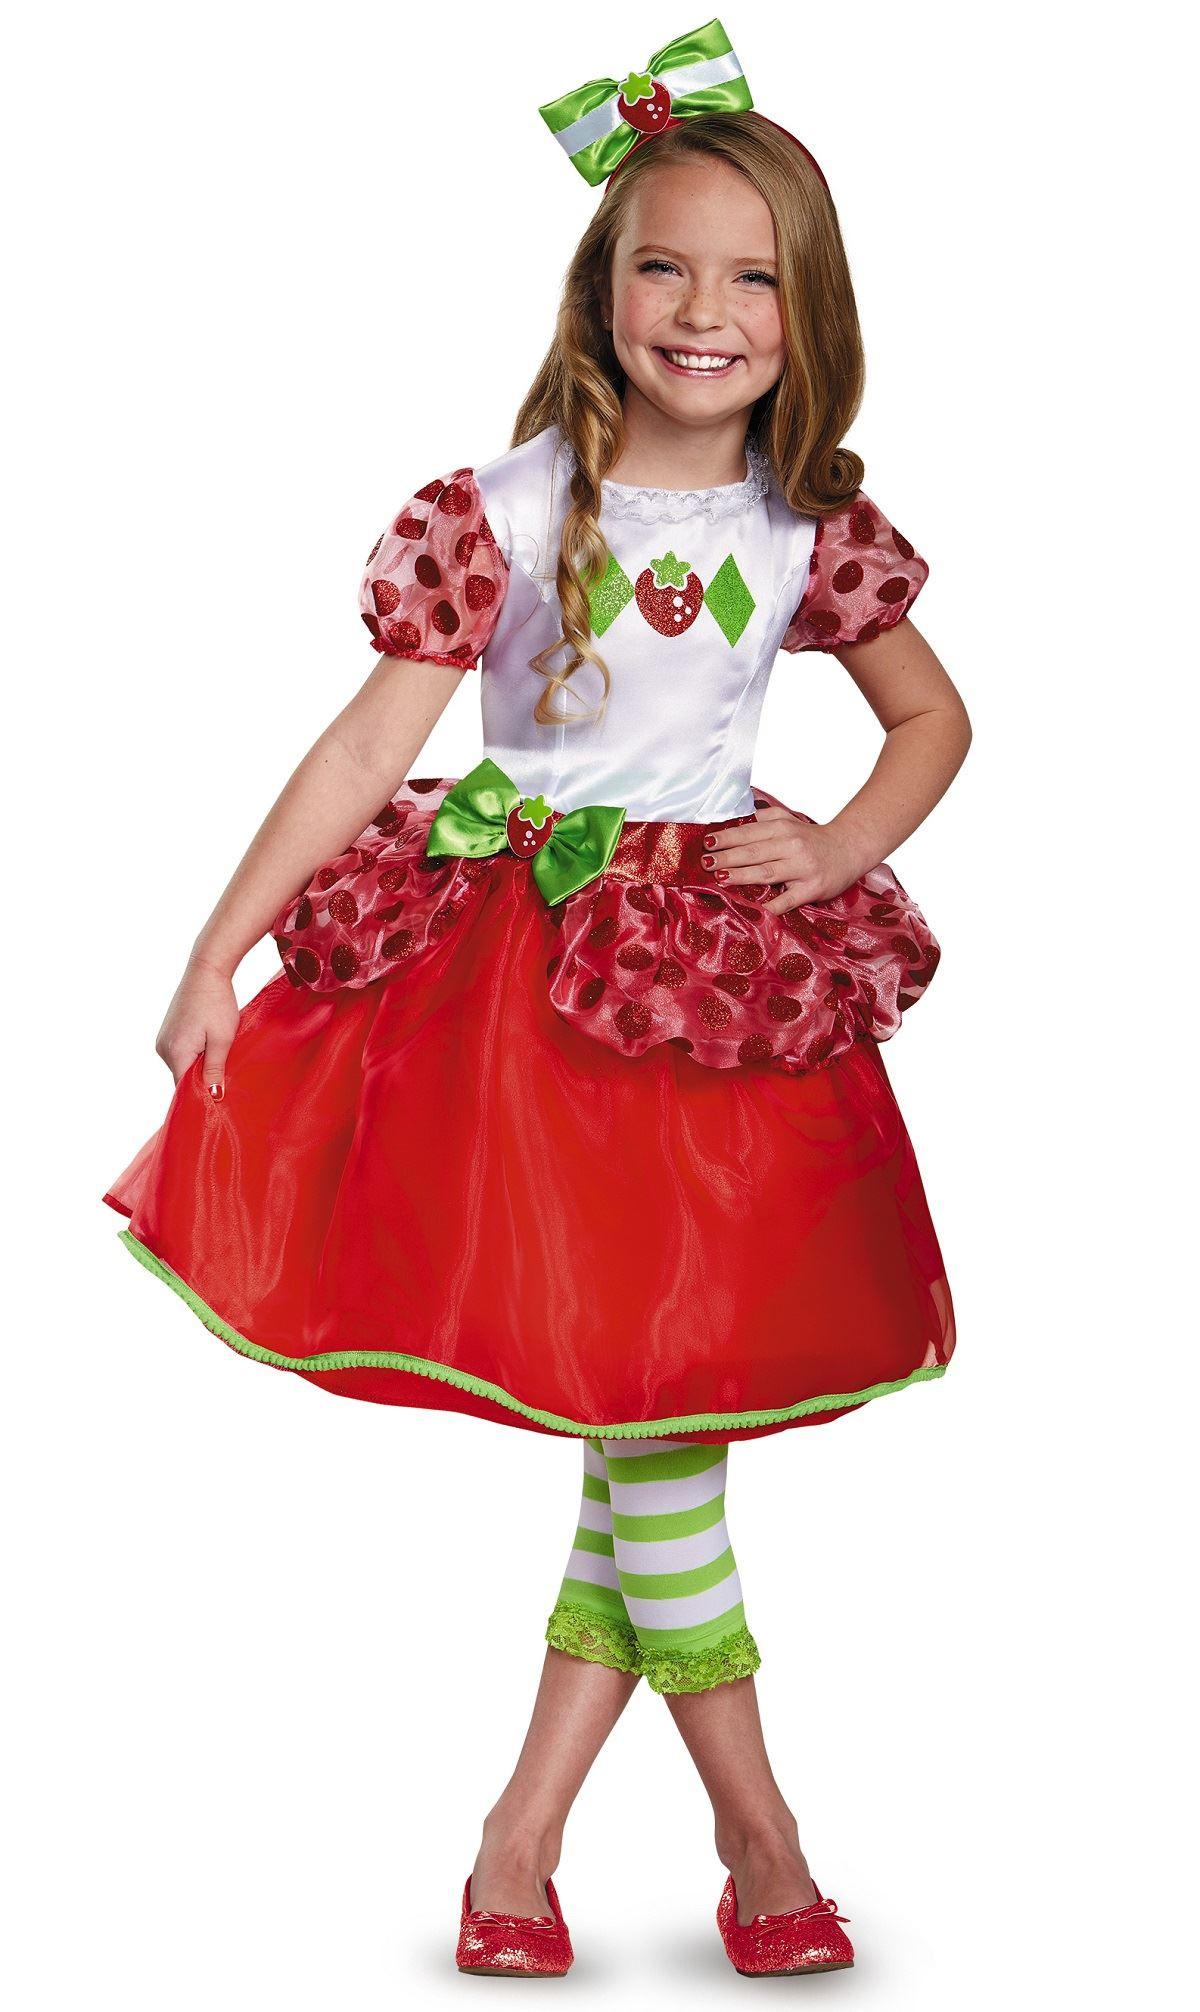 Strawberry Short Cake Halloween  Kids Strawberry Shortcake Girls Costume $37 99